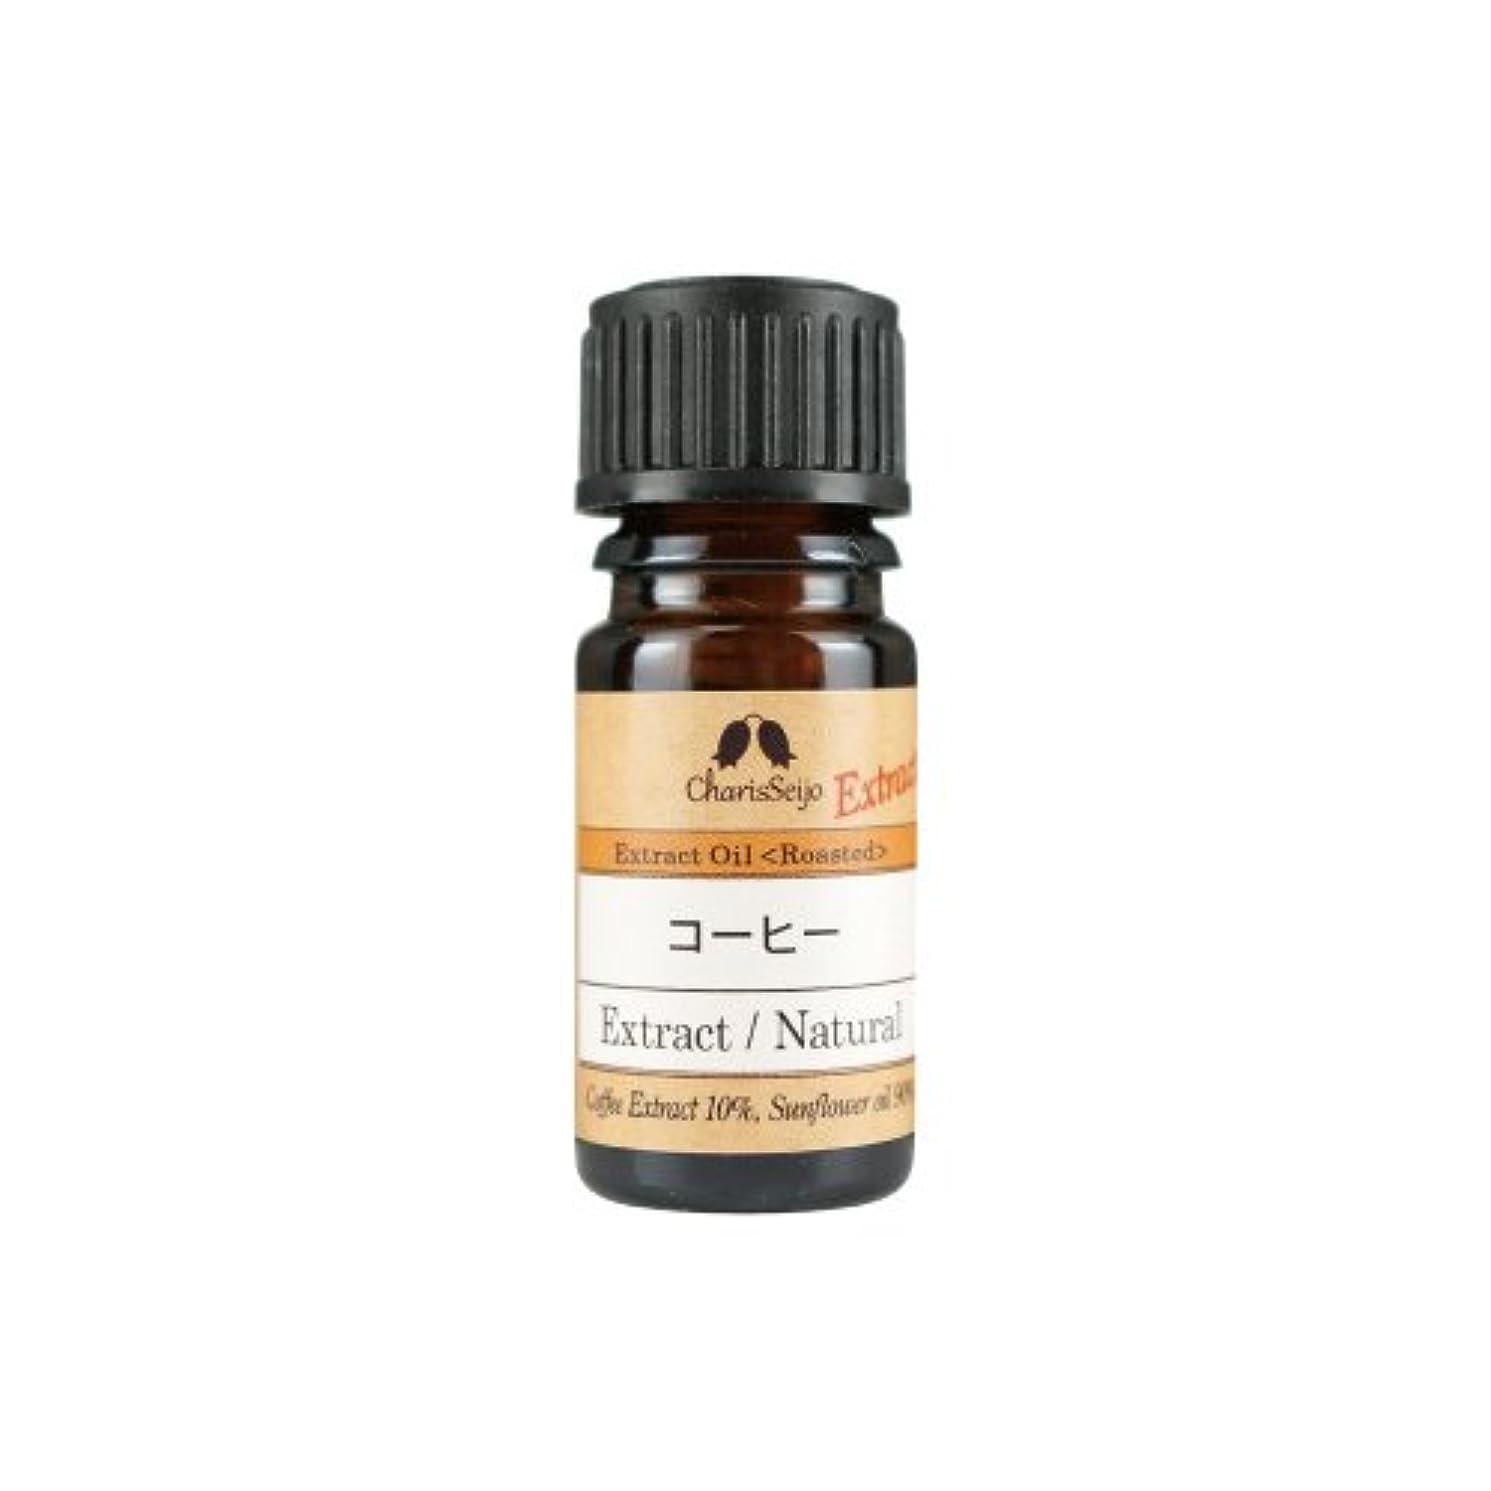 ジャニス適応的ビバカリス エッセンシャルオイル コーヒーエクストラクト(10%希釈液)2ml